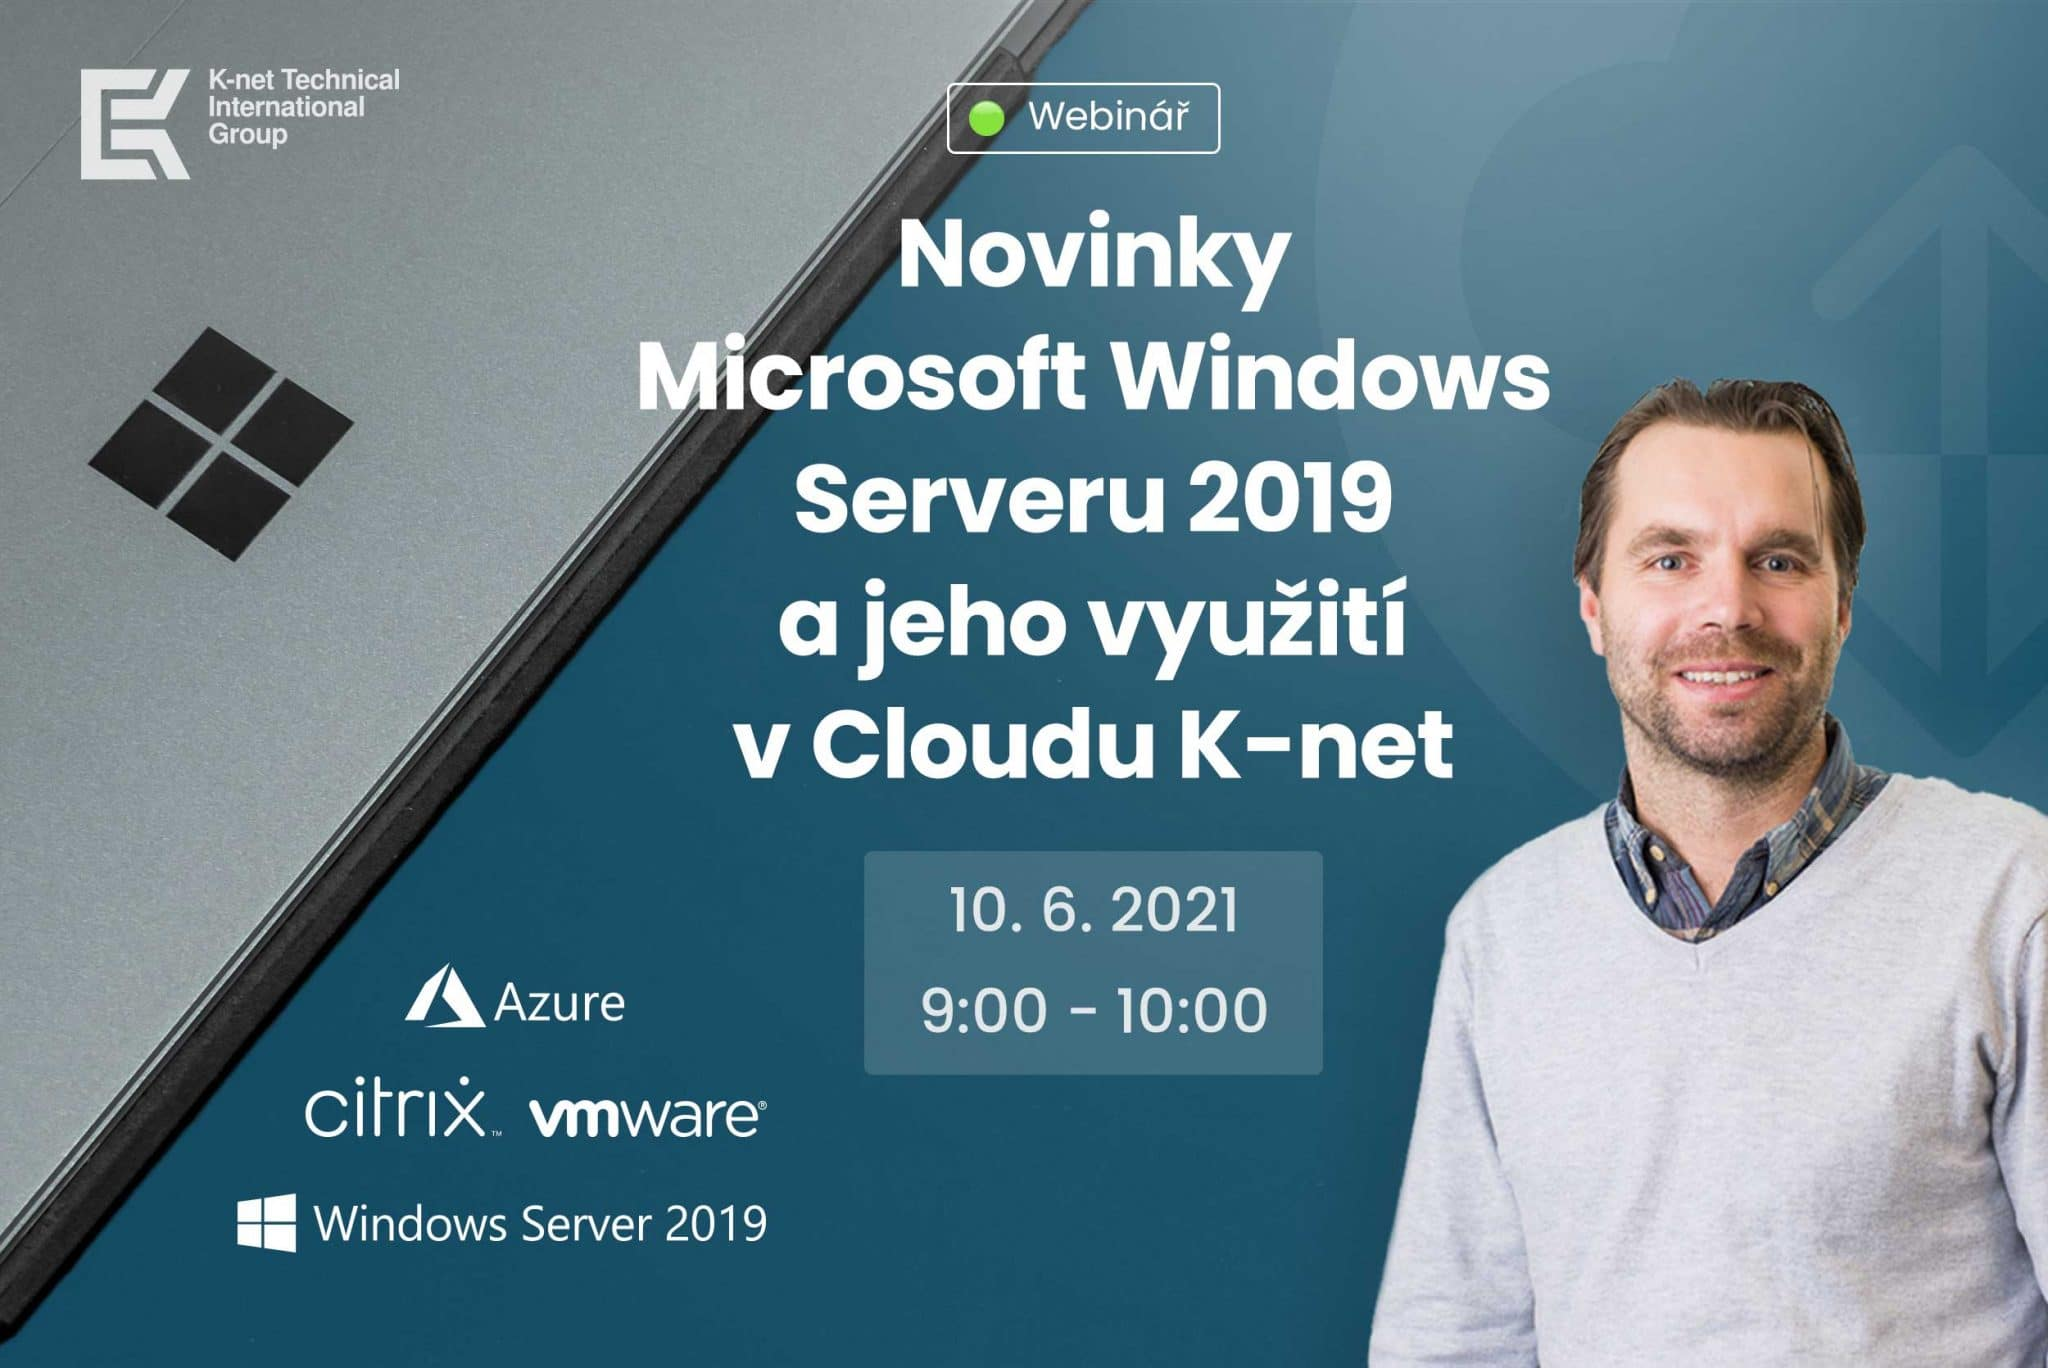 Webinář K-net o novinkách v Microsoft Windows